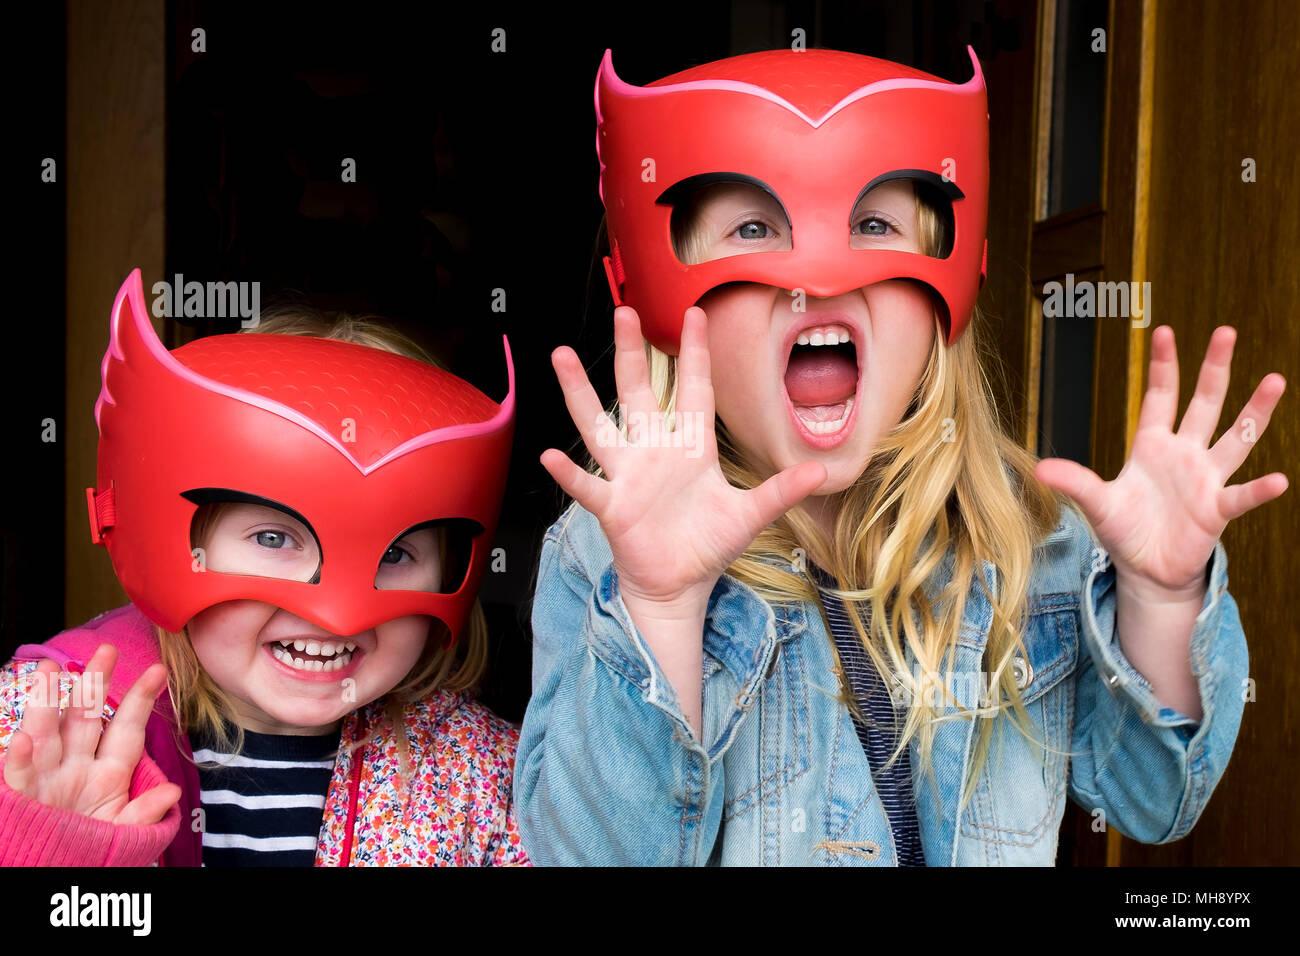 Bambini divertirsi indossando maschere. Immagini Stock